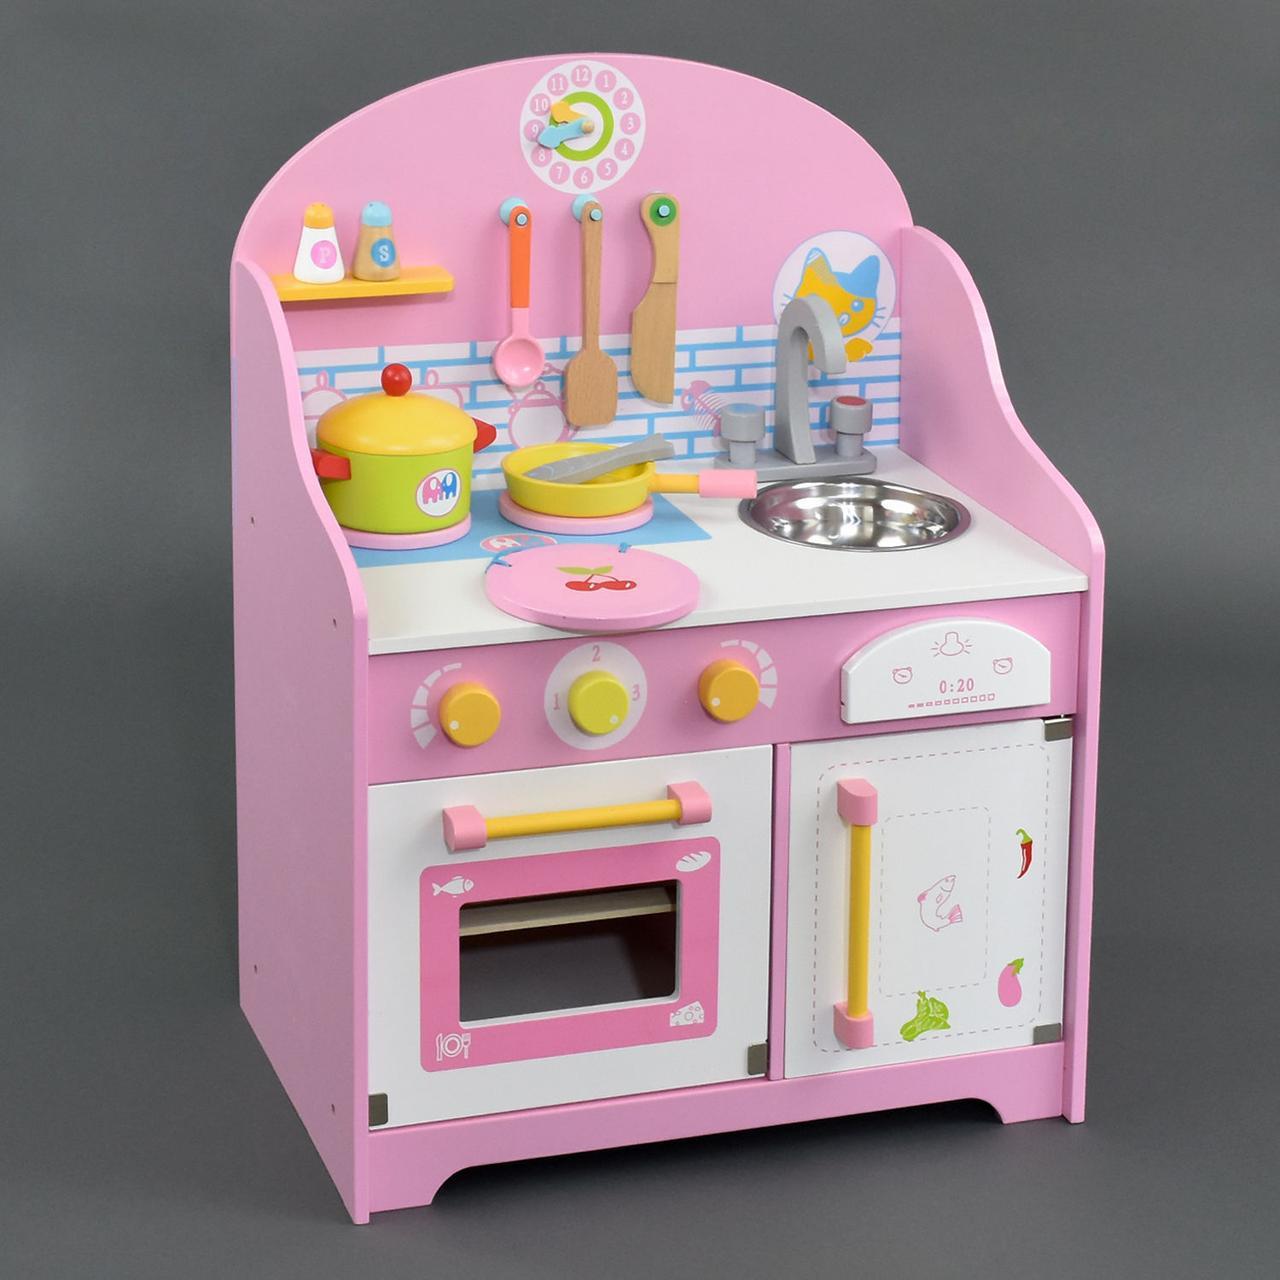 Кухня детская деревянная высокая 63 см С 23056 ***